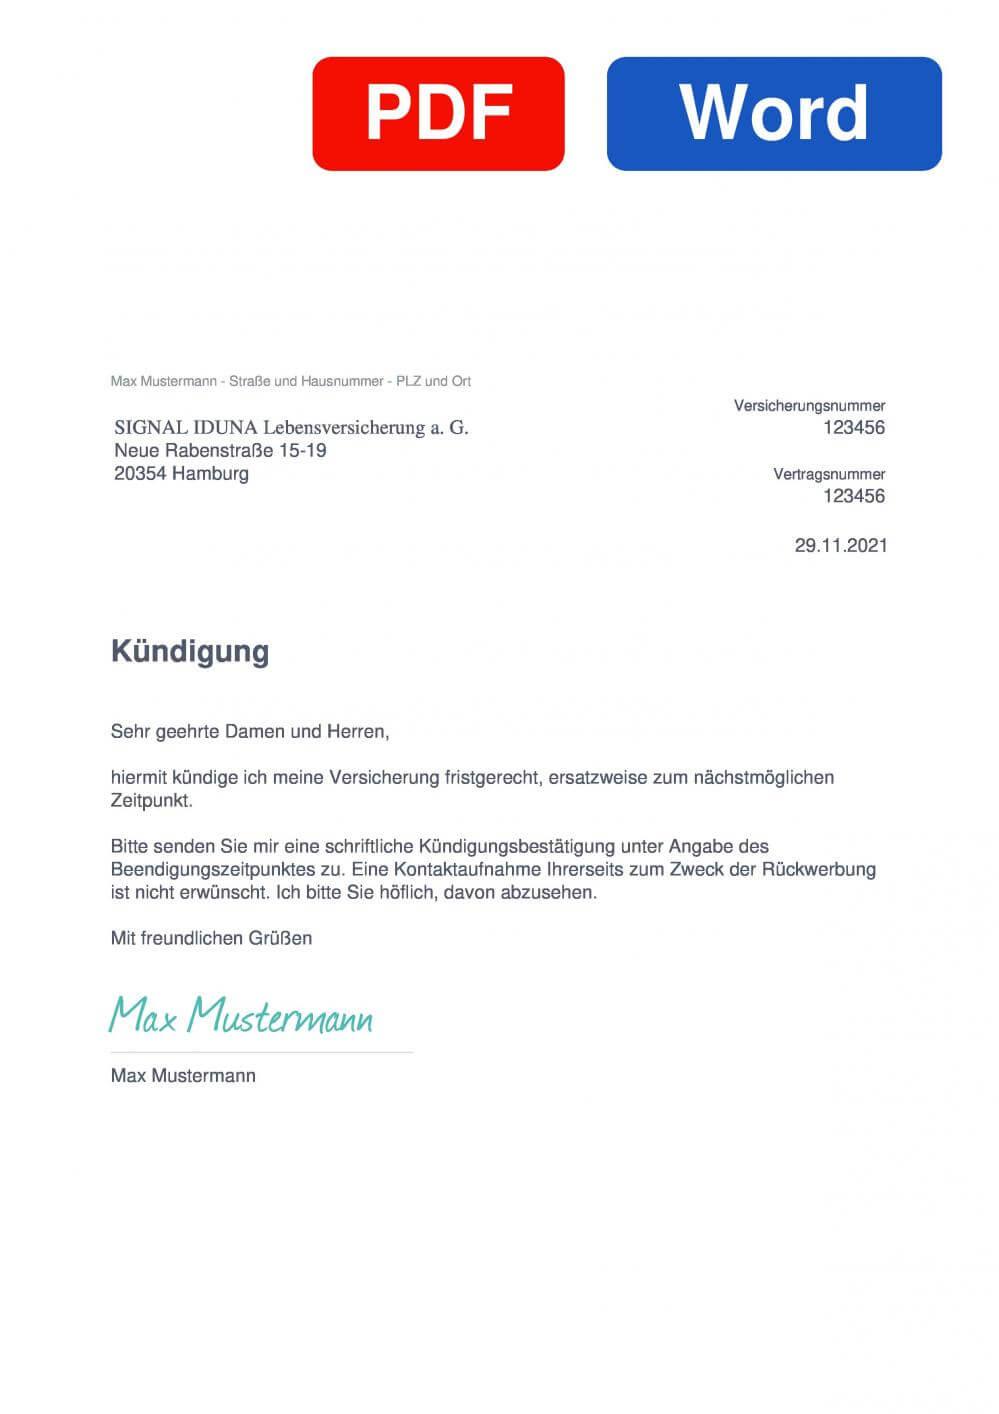 SIGNAL IDUNA Betriebliche Altersvorsorge Muster Vorlage für Kündigungsschreiben